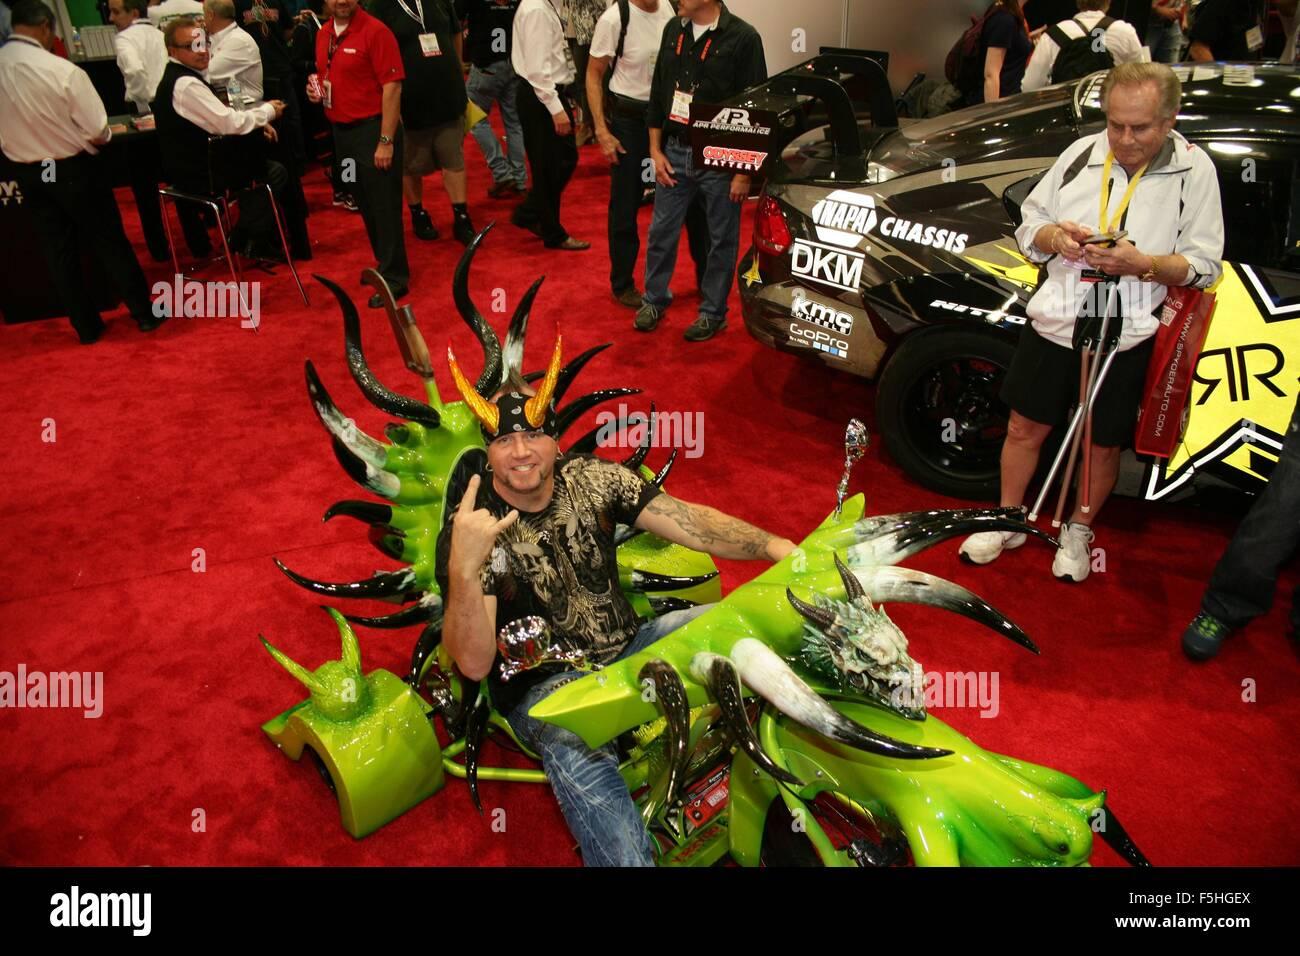 Las vegas nv usa 4th nov 2015 mike horny mike henry for Pool trade show las vegas 2015